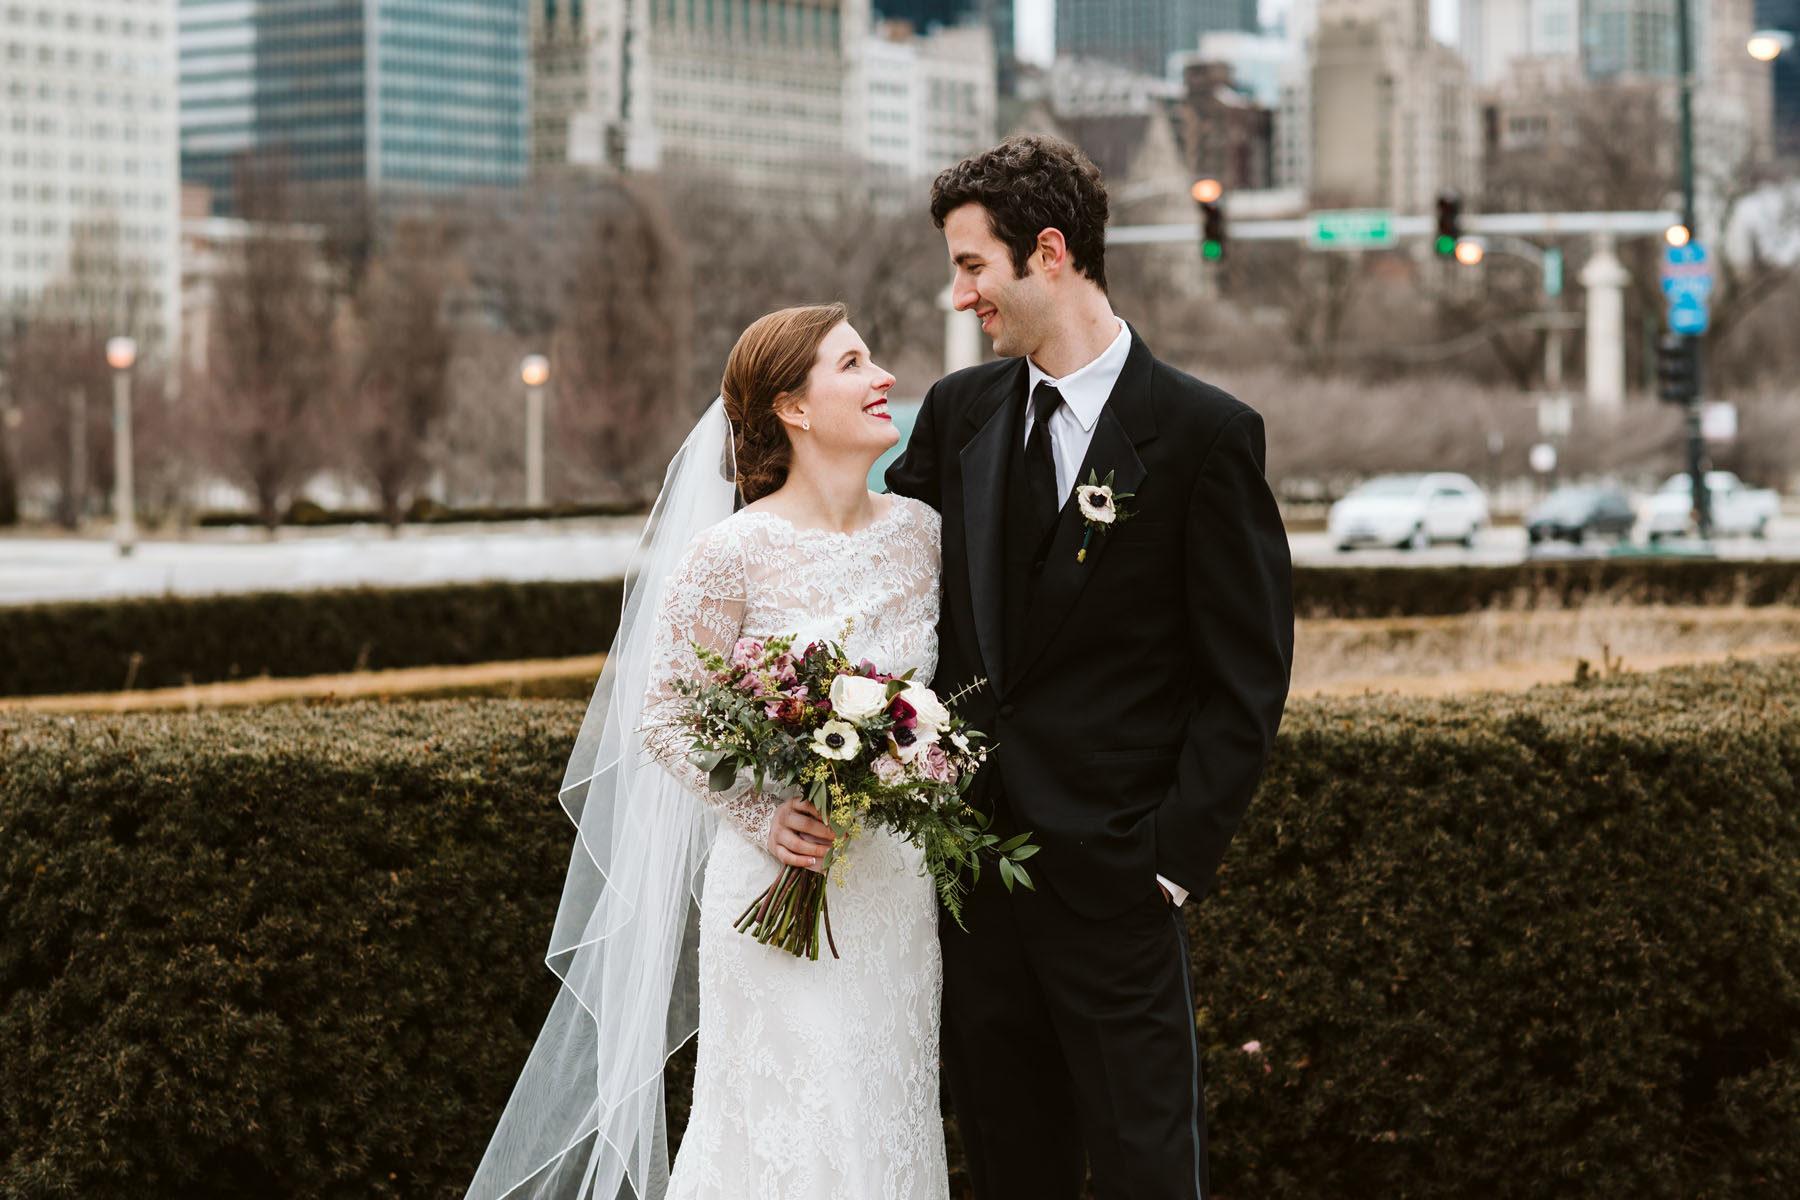 Chicago Grant Park Wedding, Chicago Winter Wedding